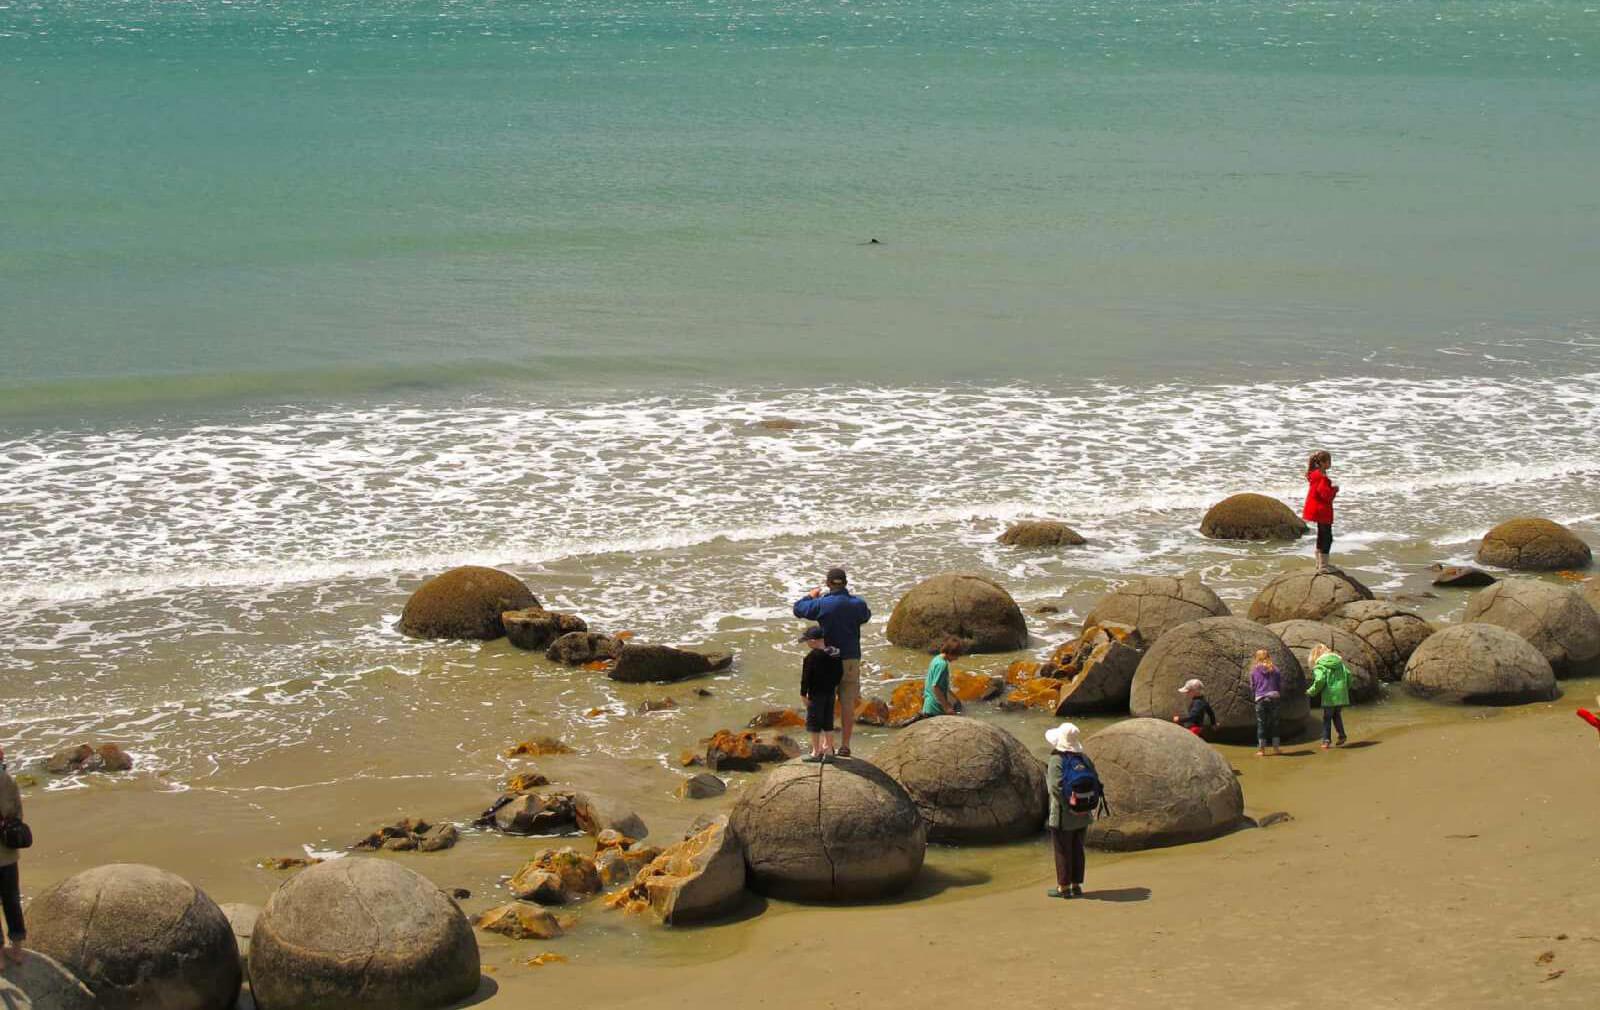 природные явления на Земле: волуны на пляже